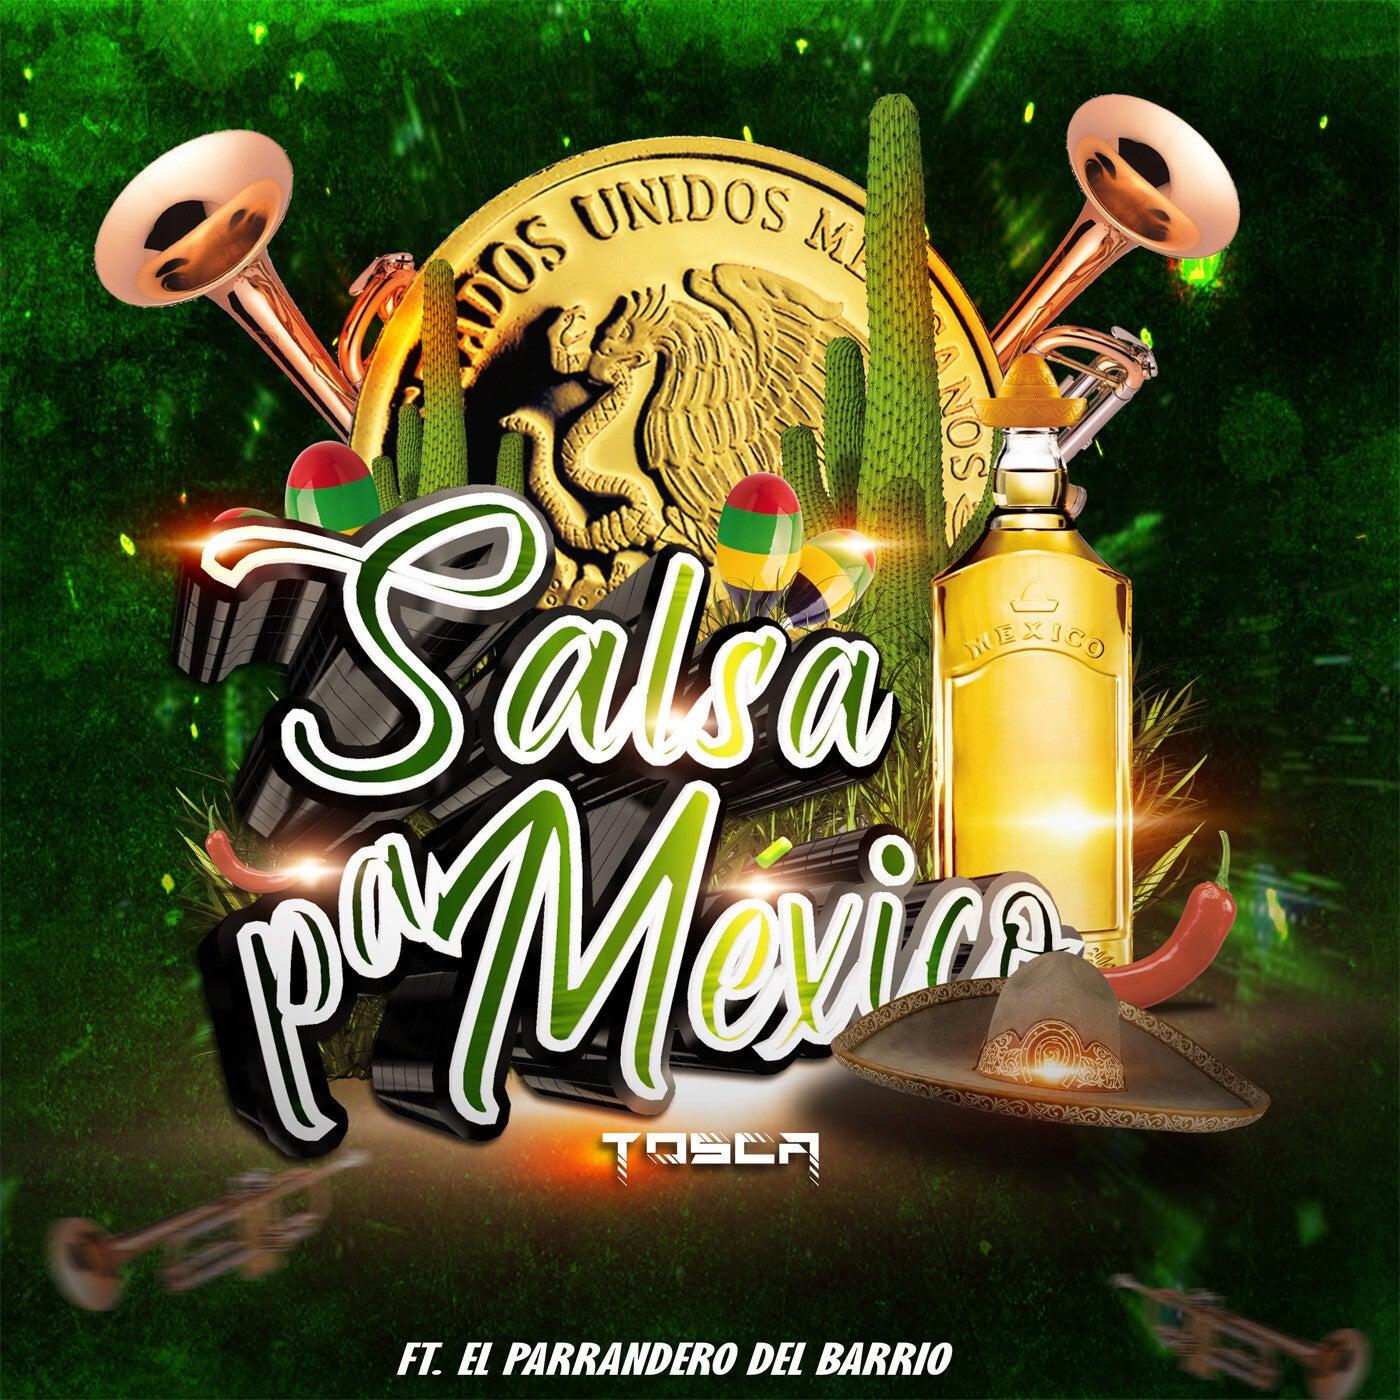 Salsa Pa México (feat. El Parrandero del Barrio) (Original Mix)